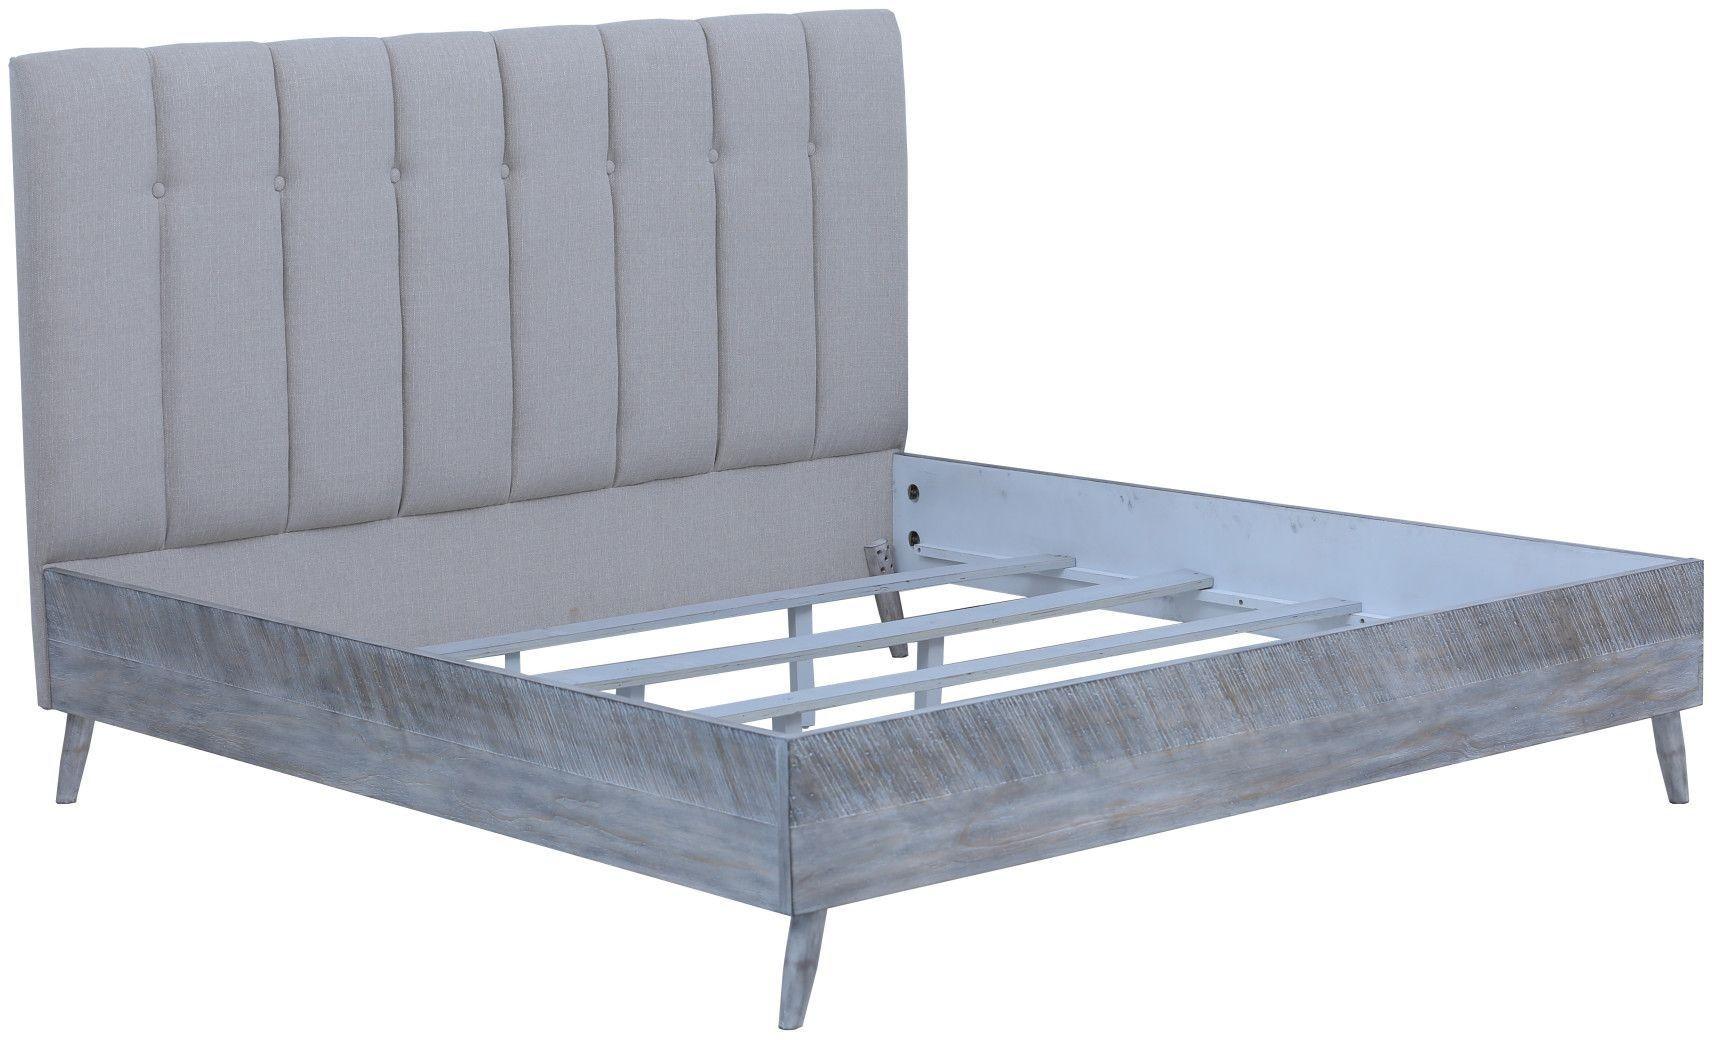 Nova sterling gray platform bedroom set b700 11 k b700 04 - Nova bedroom furniture collection ...